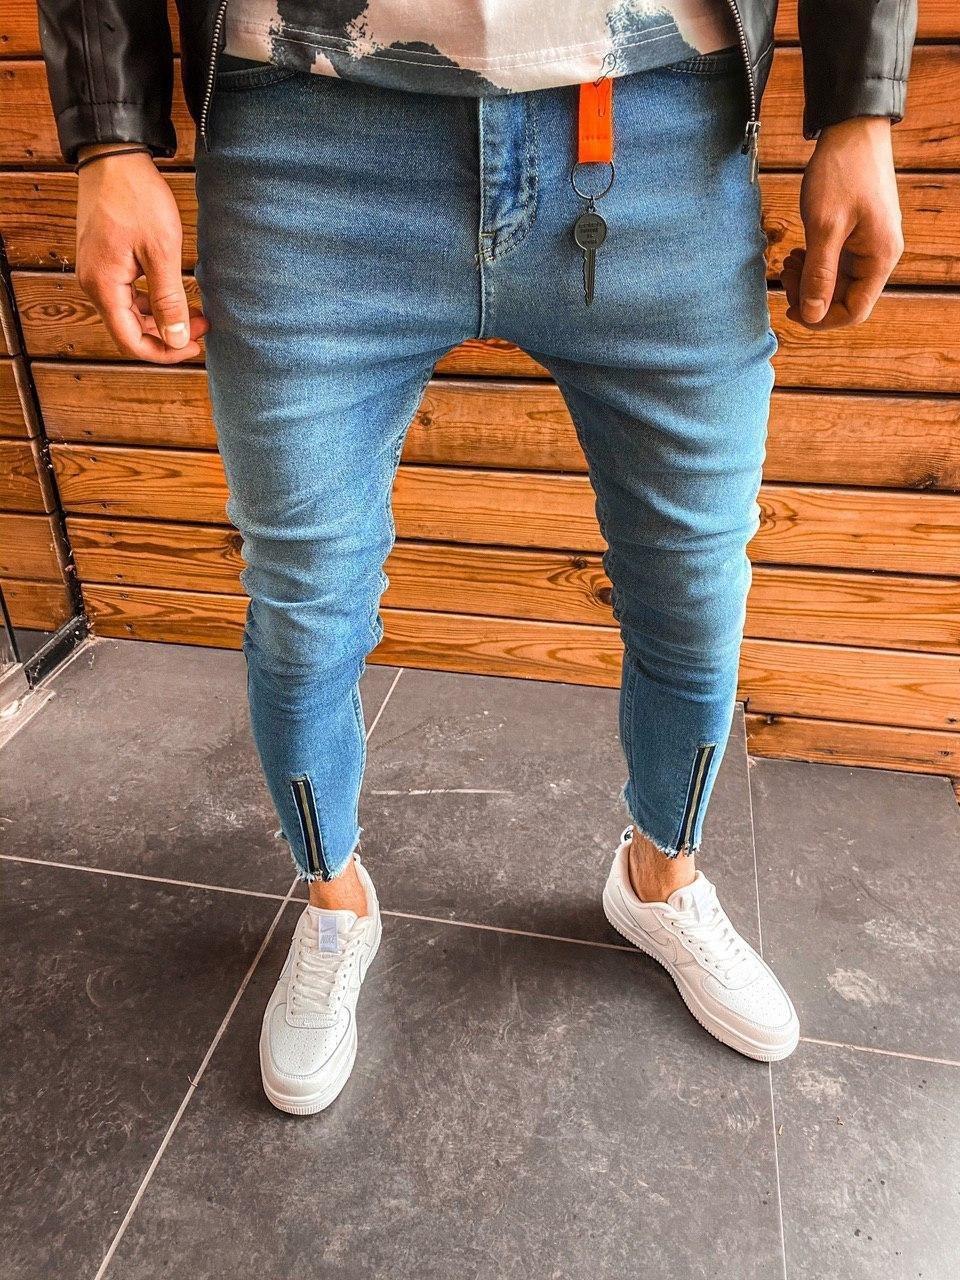 Джинсы - мужские синие джинсы с молниями ниже колена